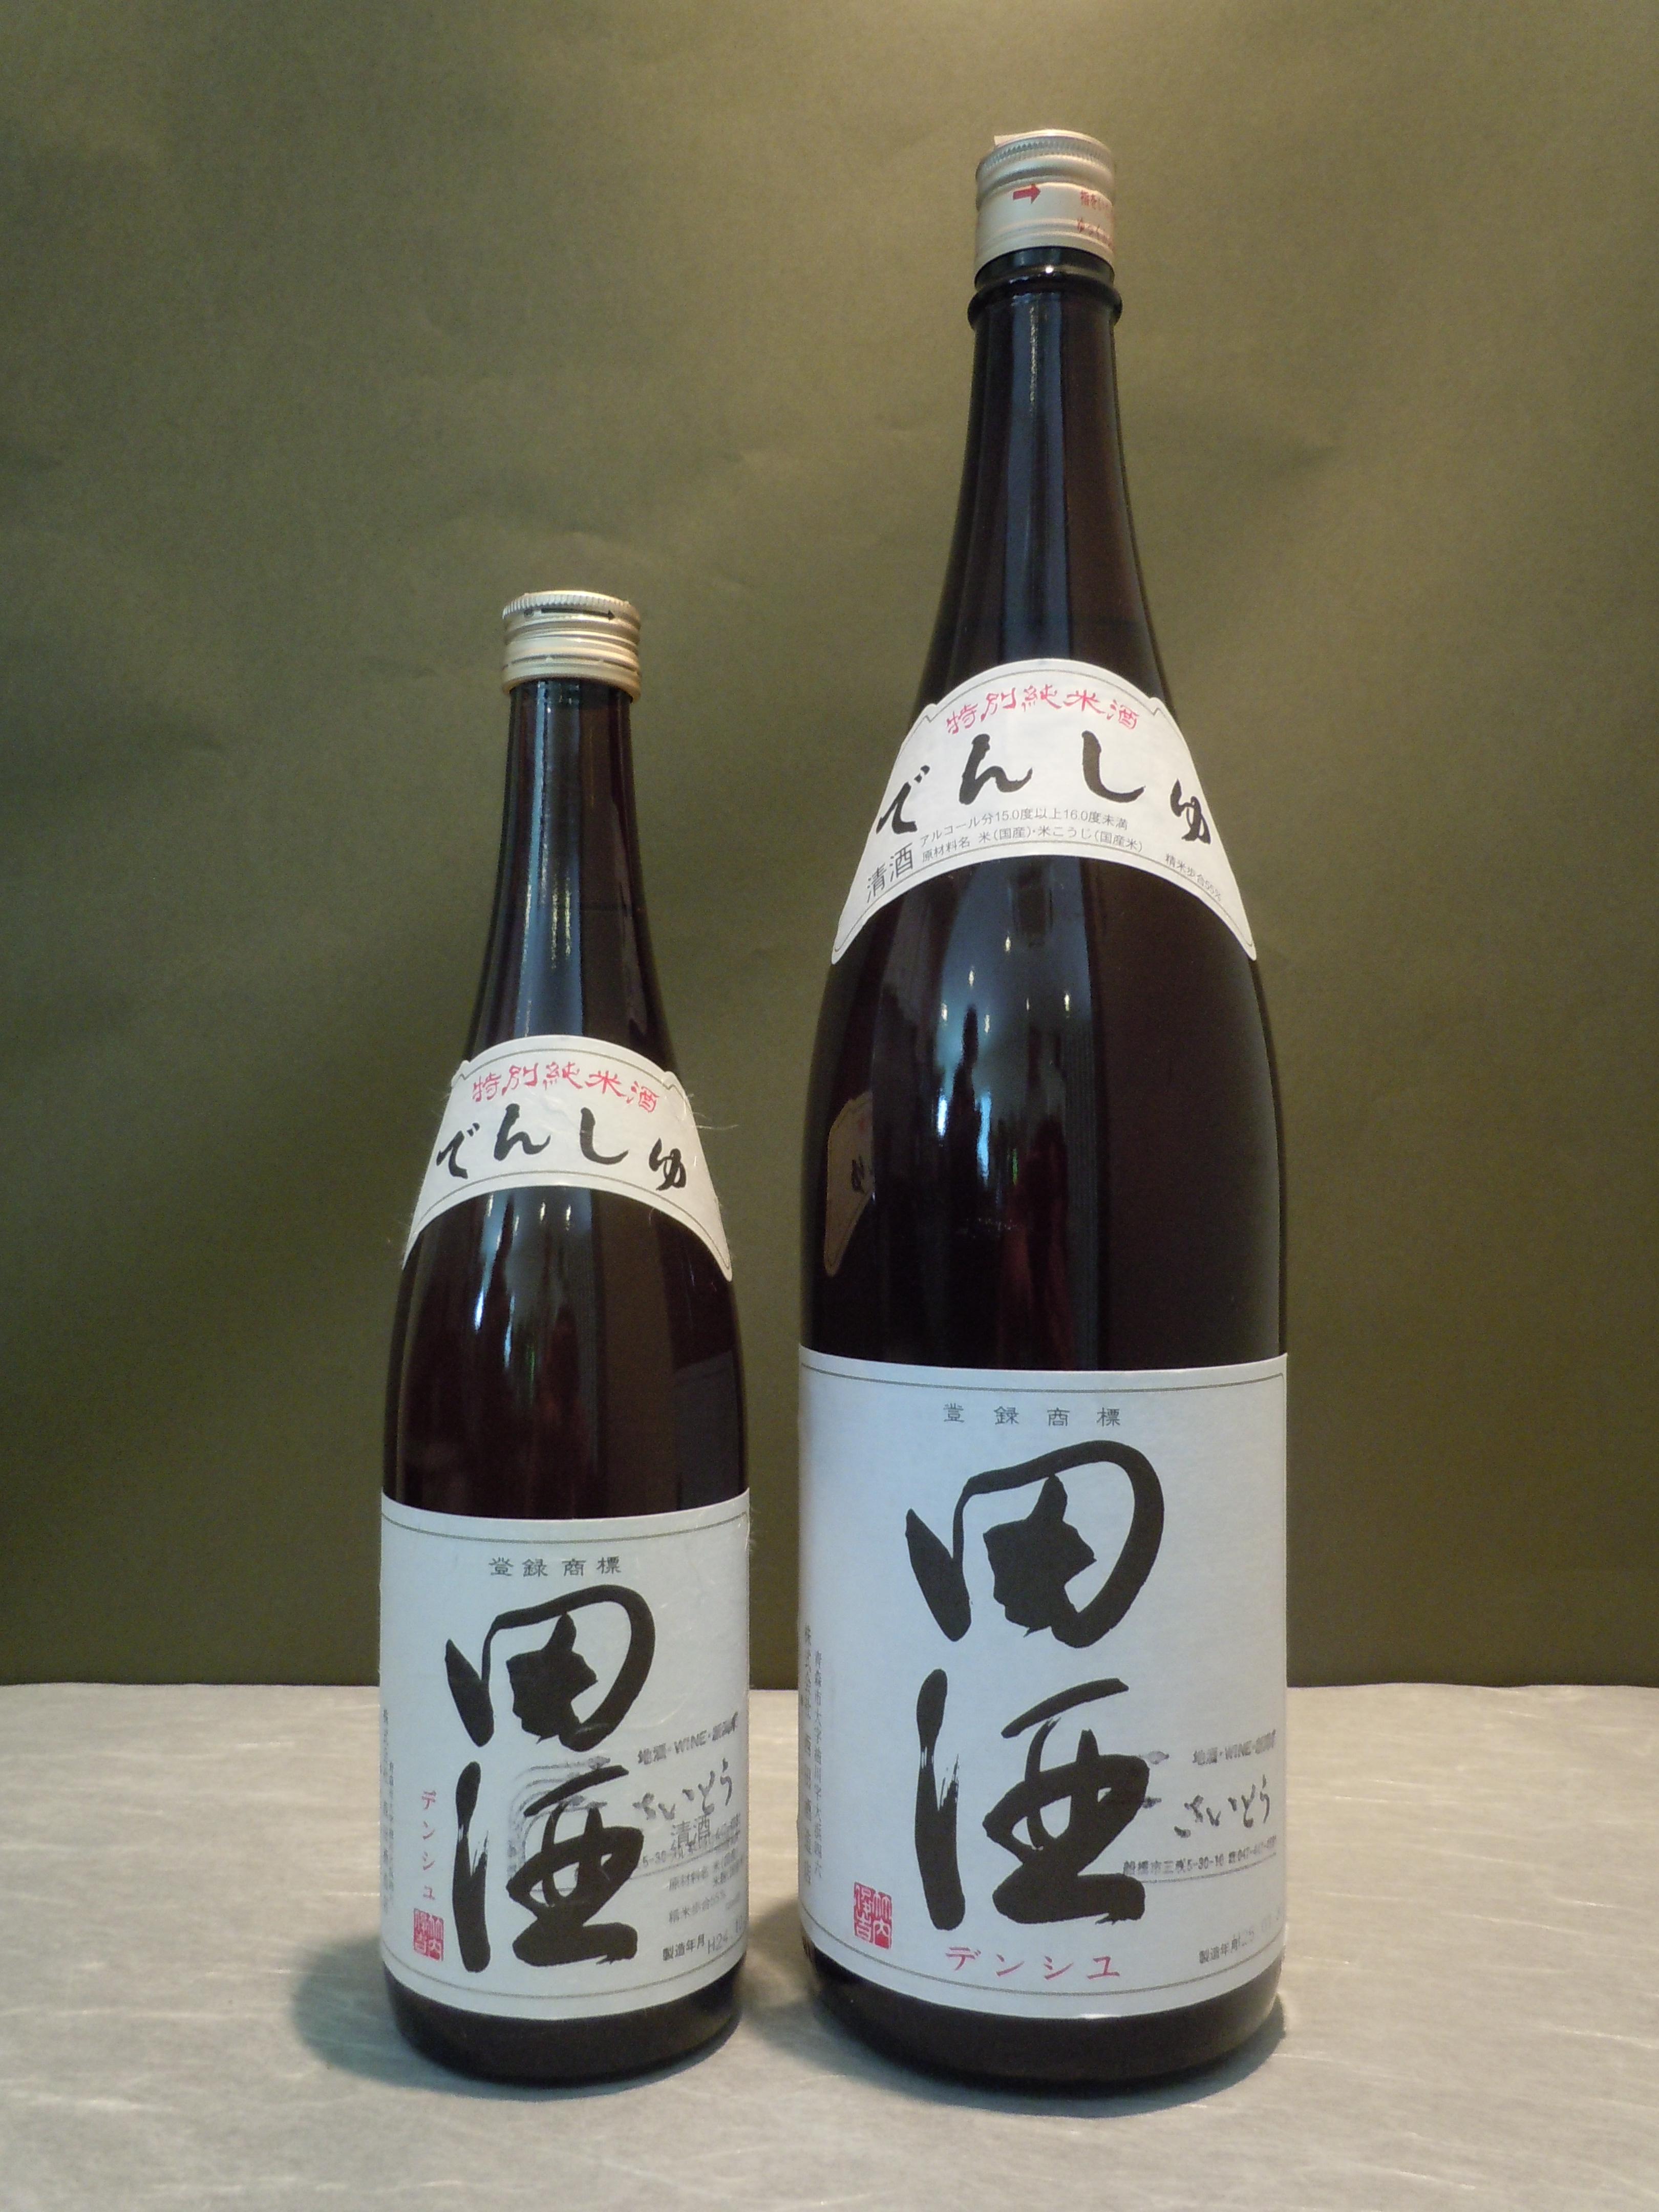 田酒 特別純米酒 720ml 1.8ℓ